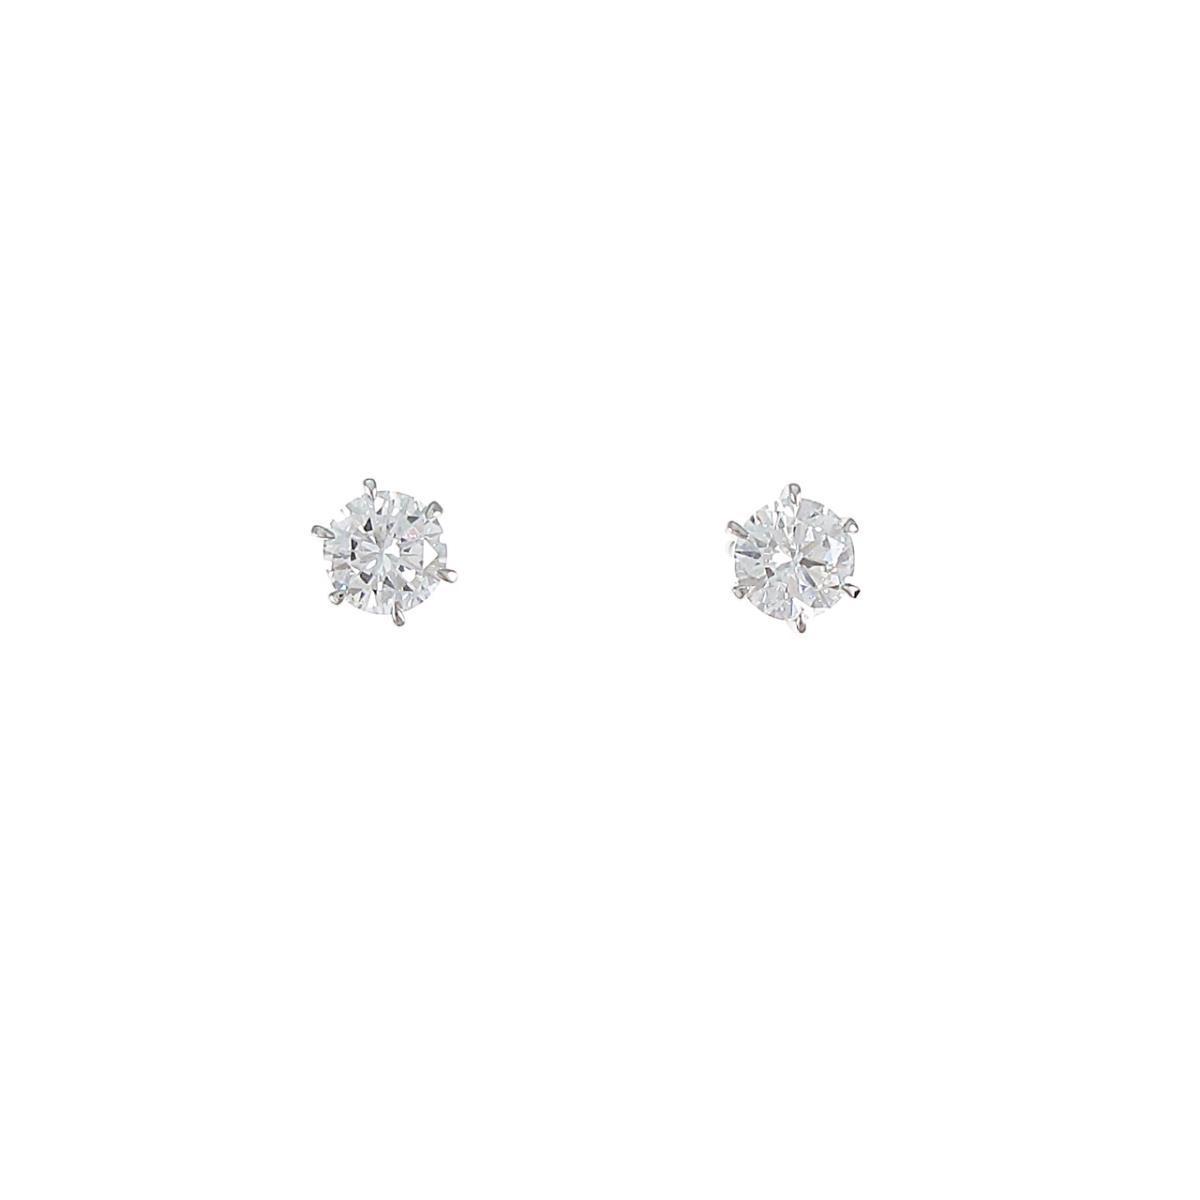 【リメイク】ST/プラチナダイヤモンドピアス 0.636ct・F・SI1・VG【中古】